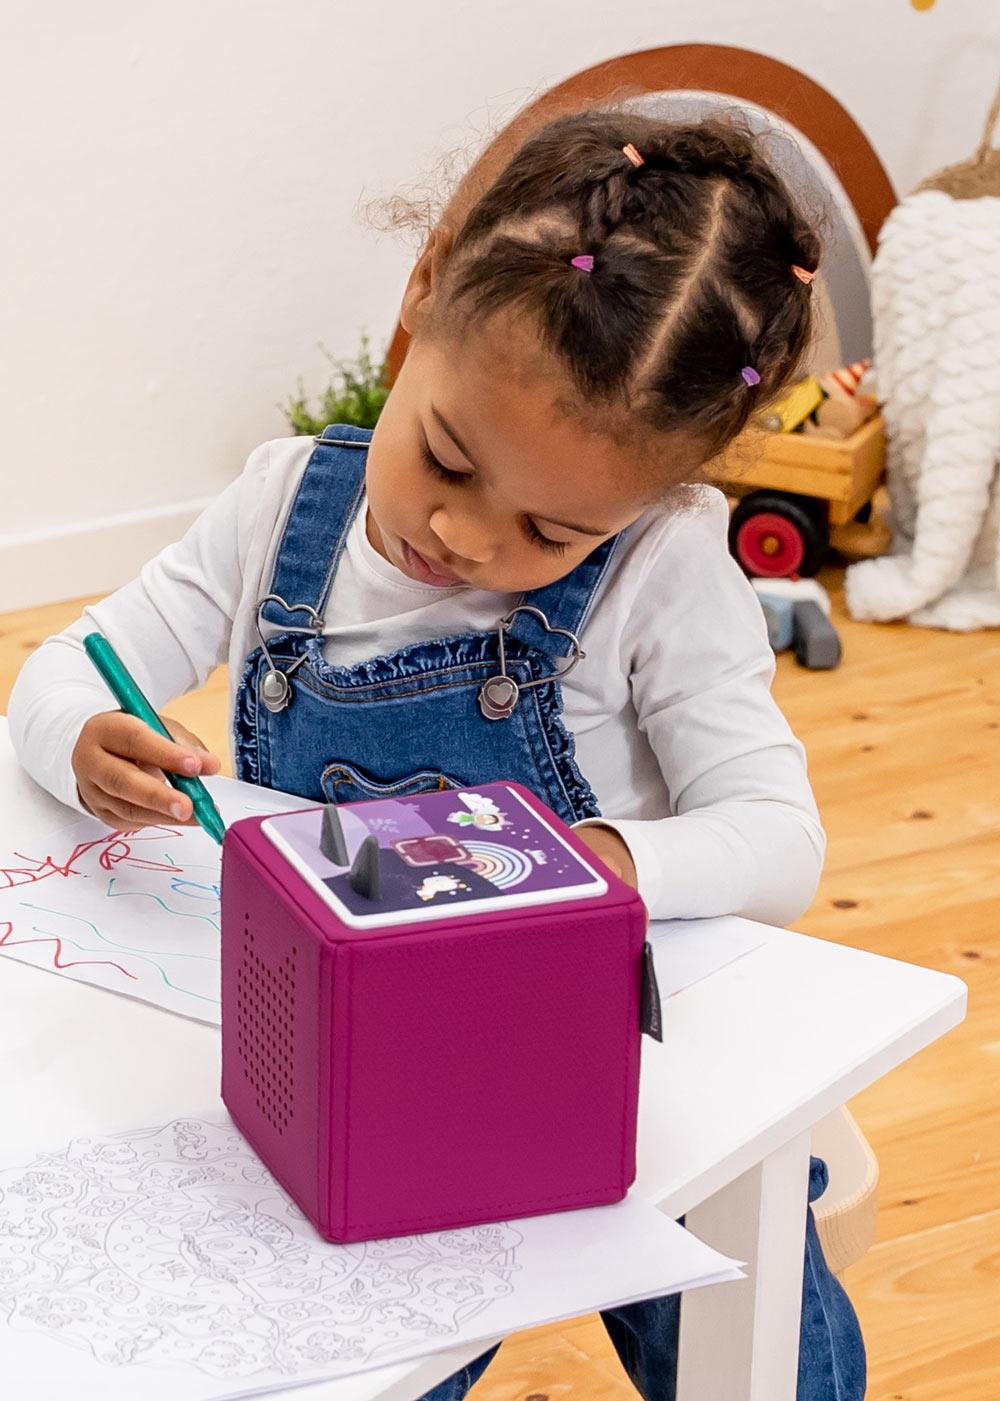 dekofolie toniebox regenbogen personalisiert kindername 4